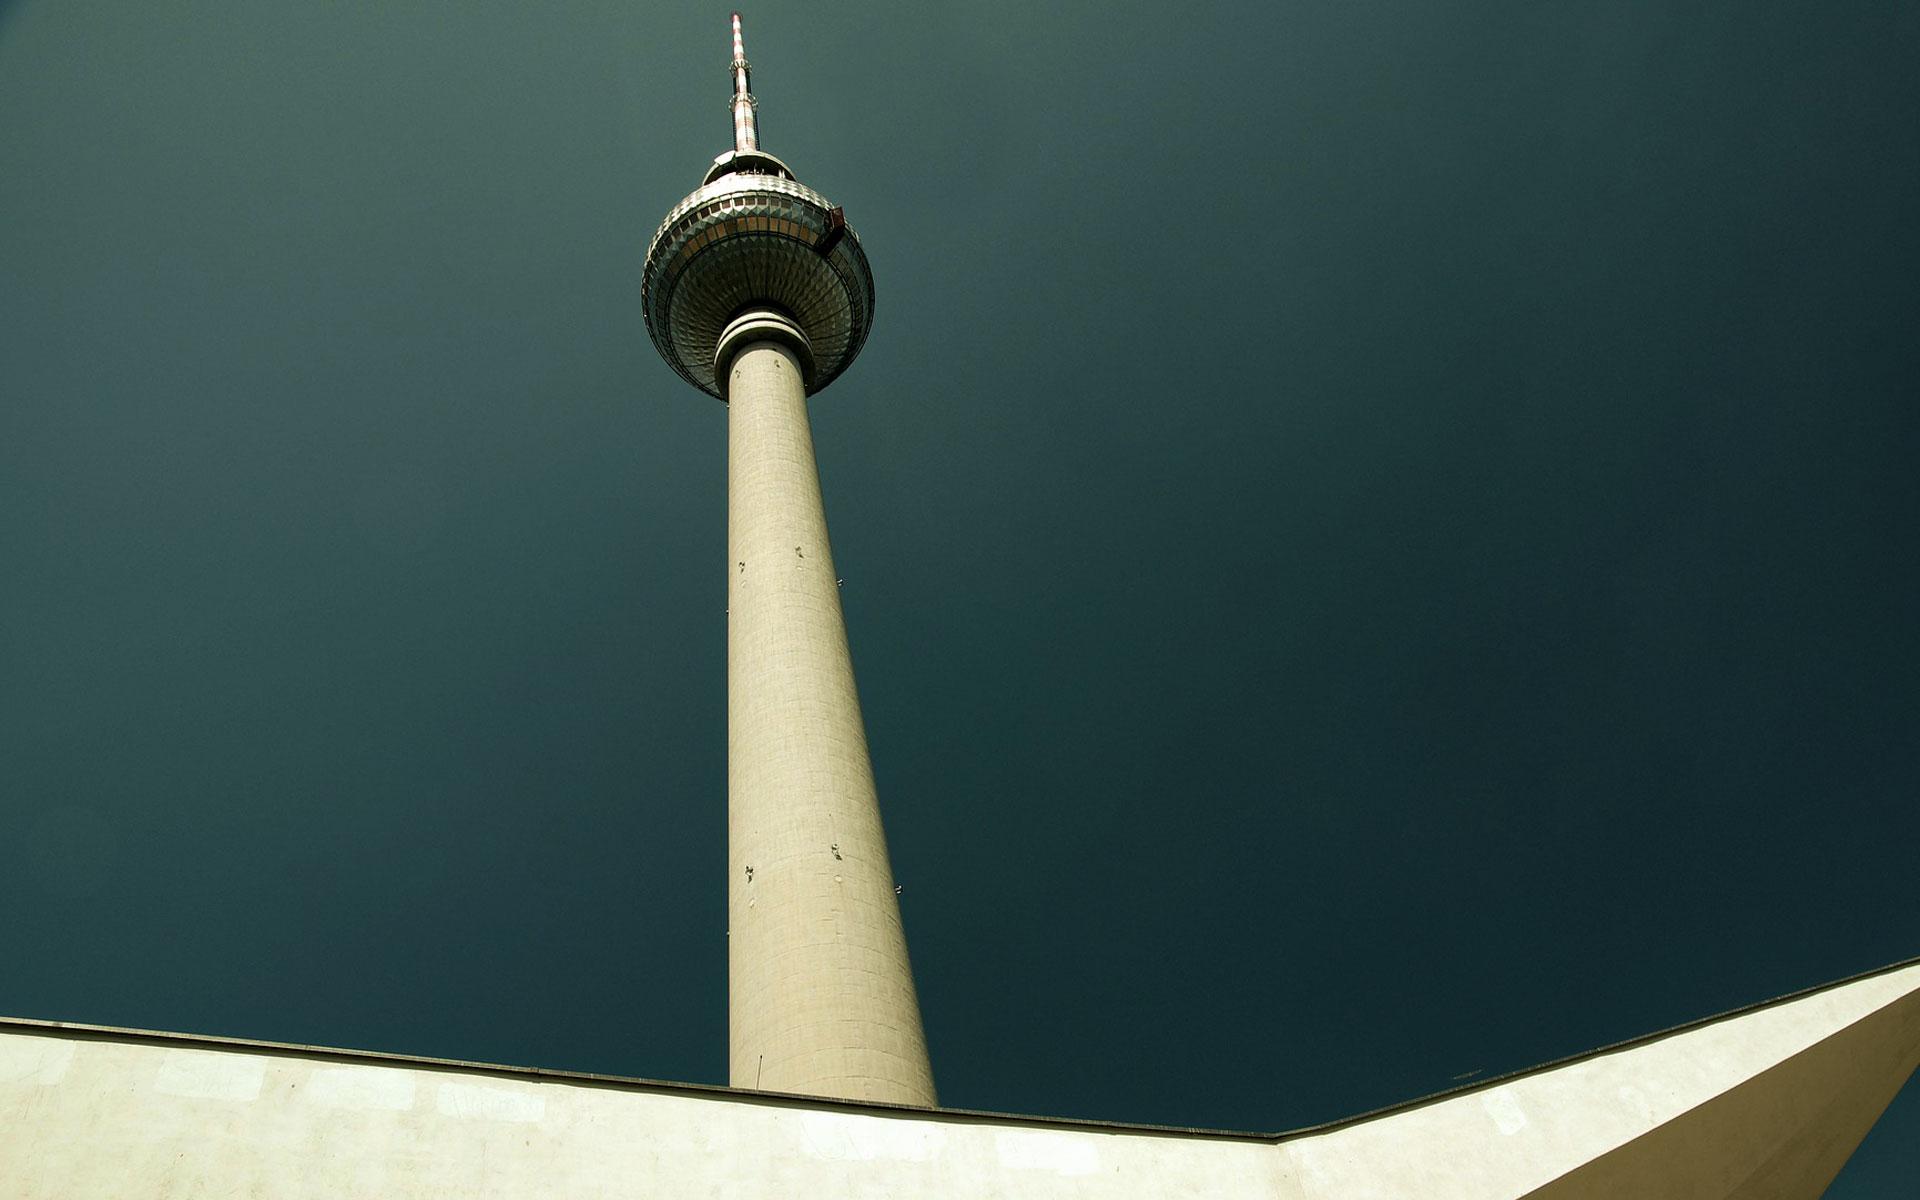 Architekturfotografie des Berliner Fernsehturms am Alexanderplatz.